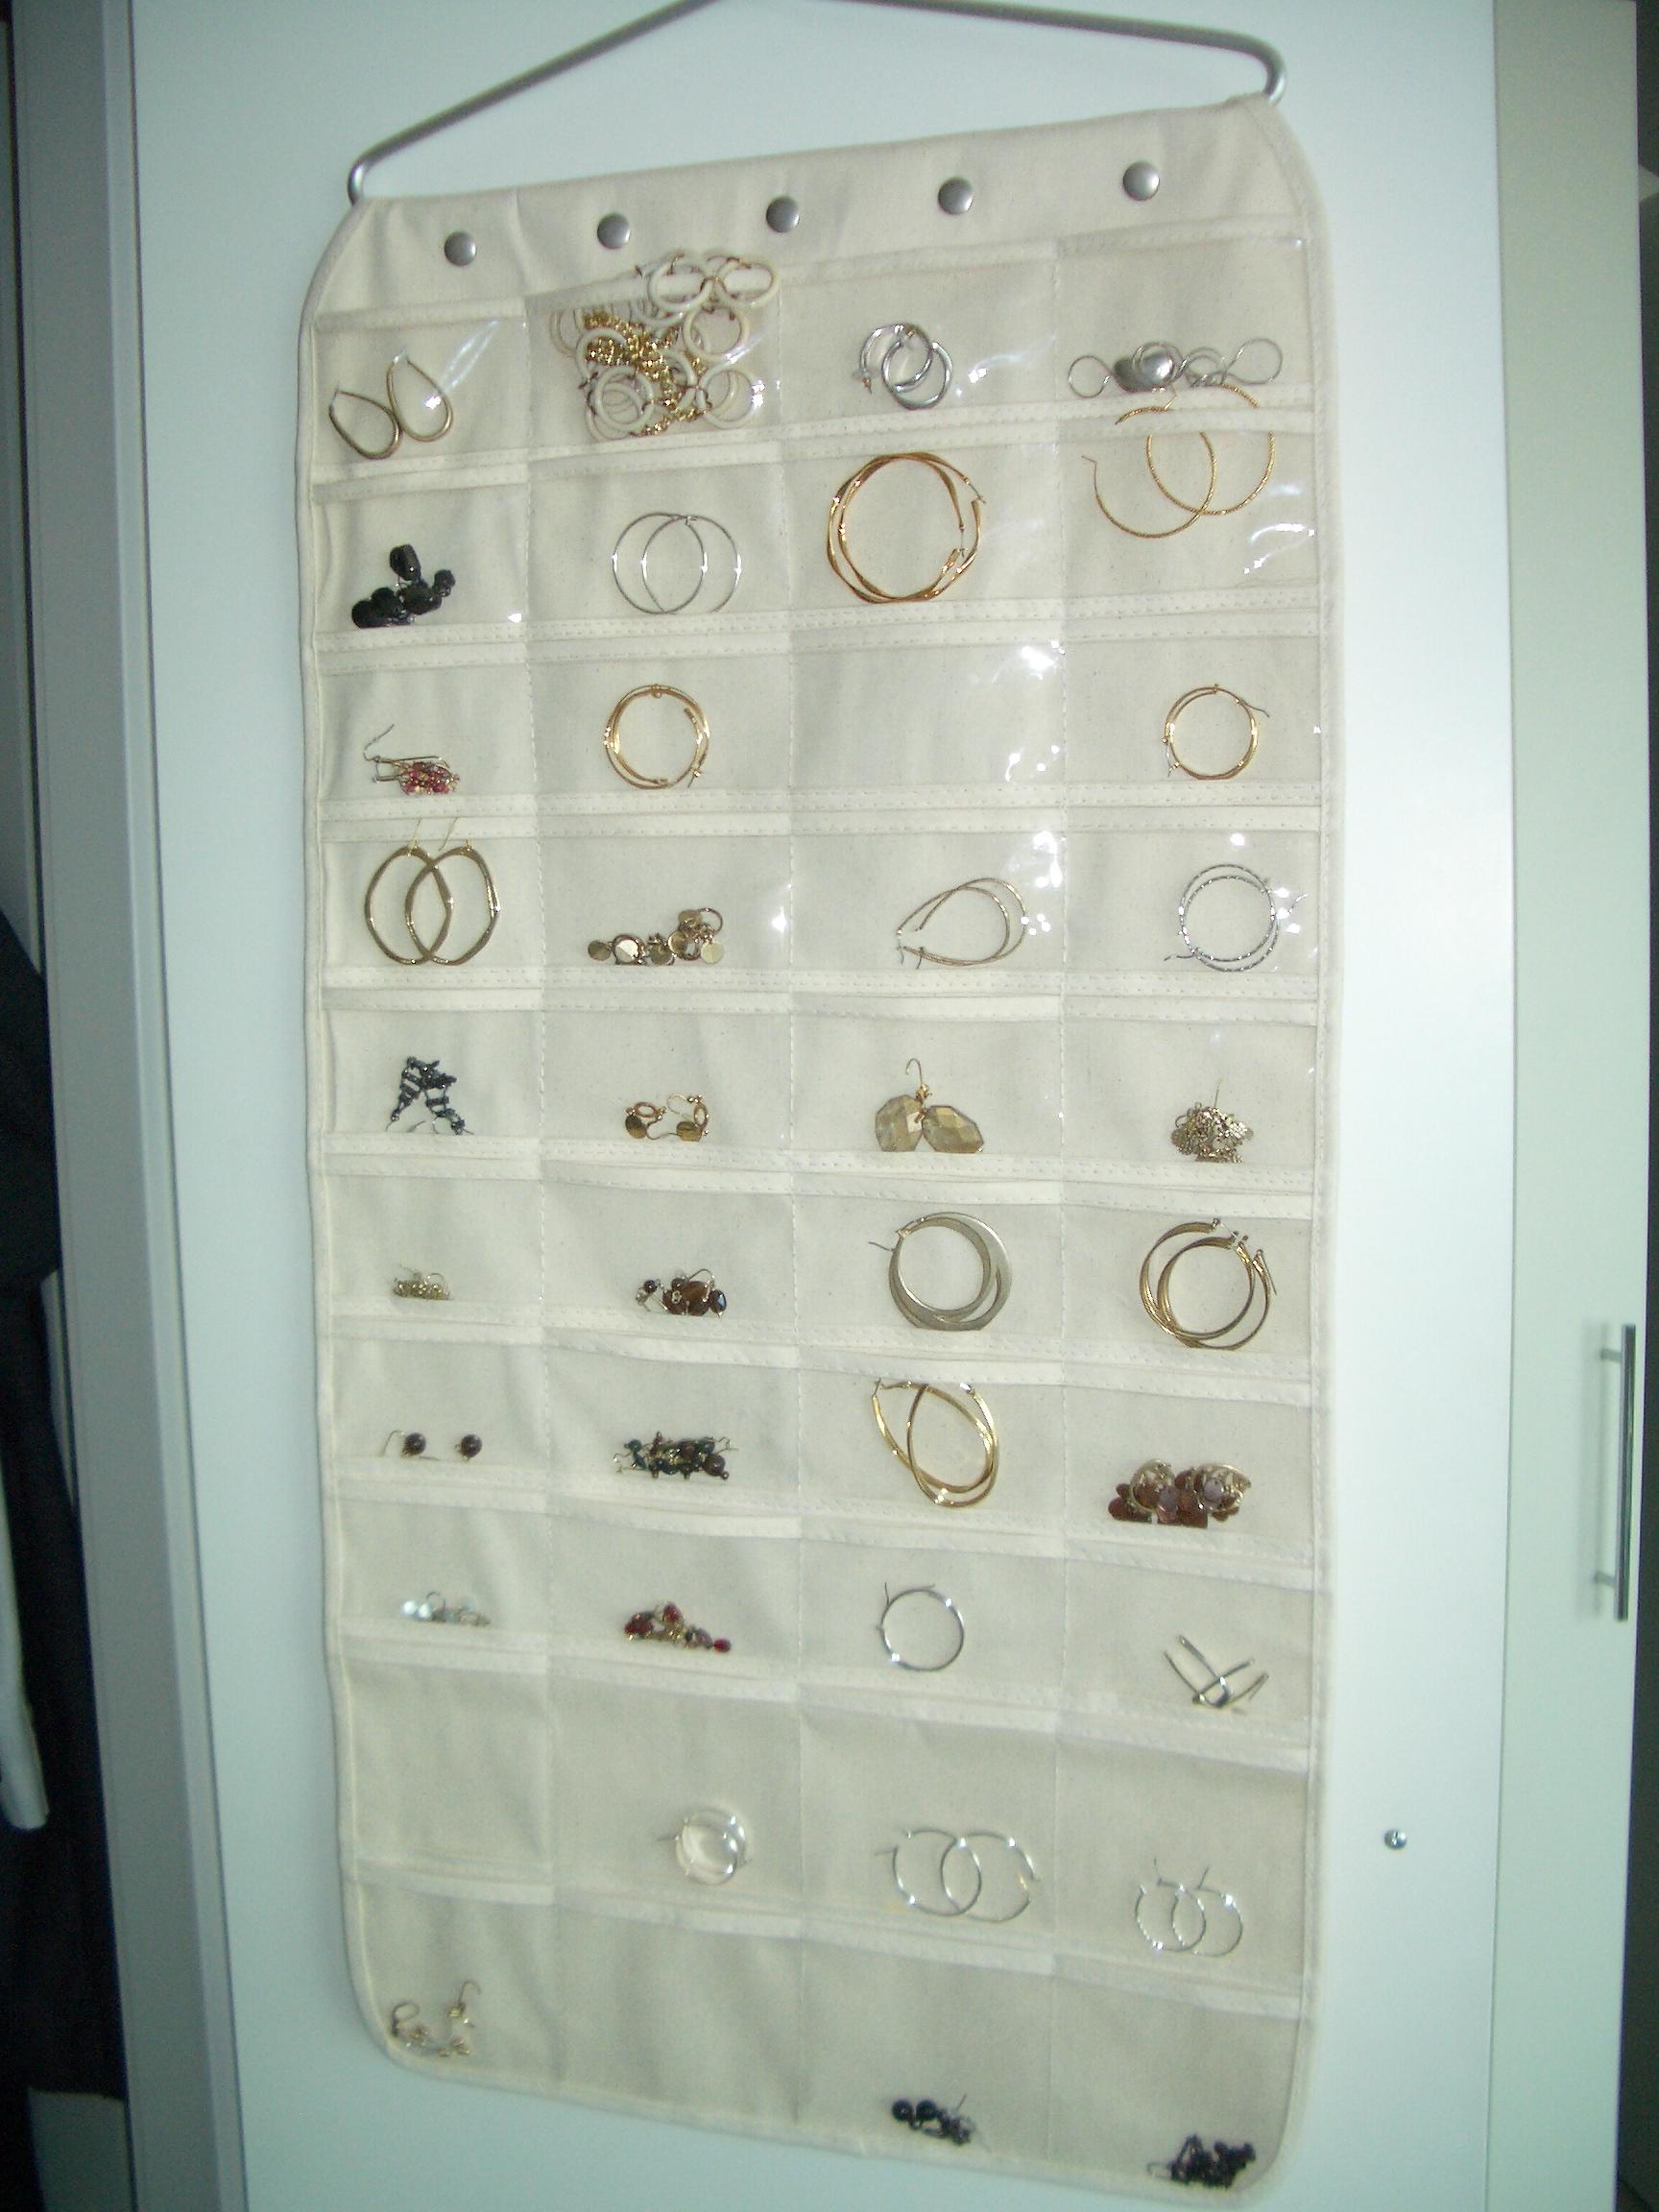 jewelry organizing San Diego Professional Organizer Image